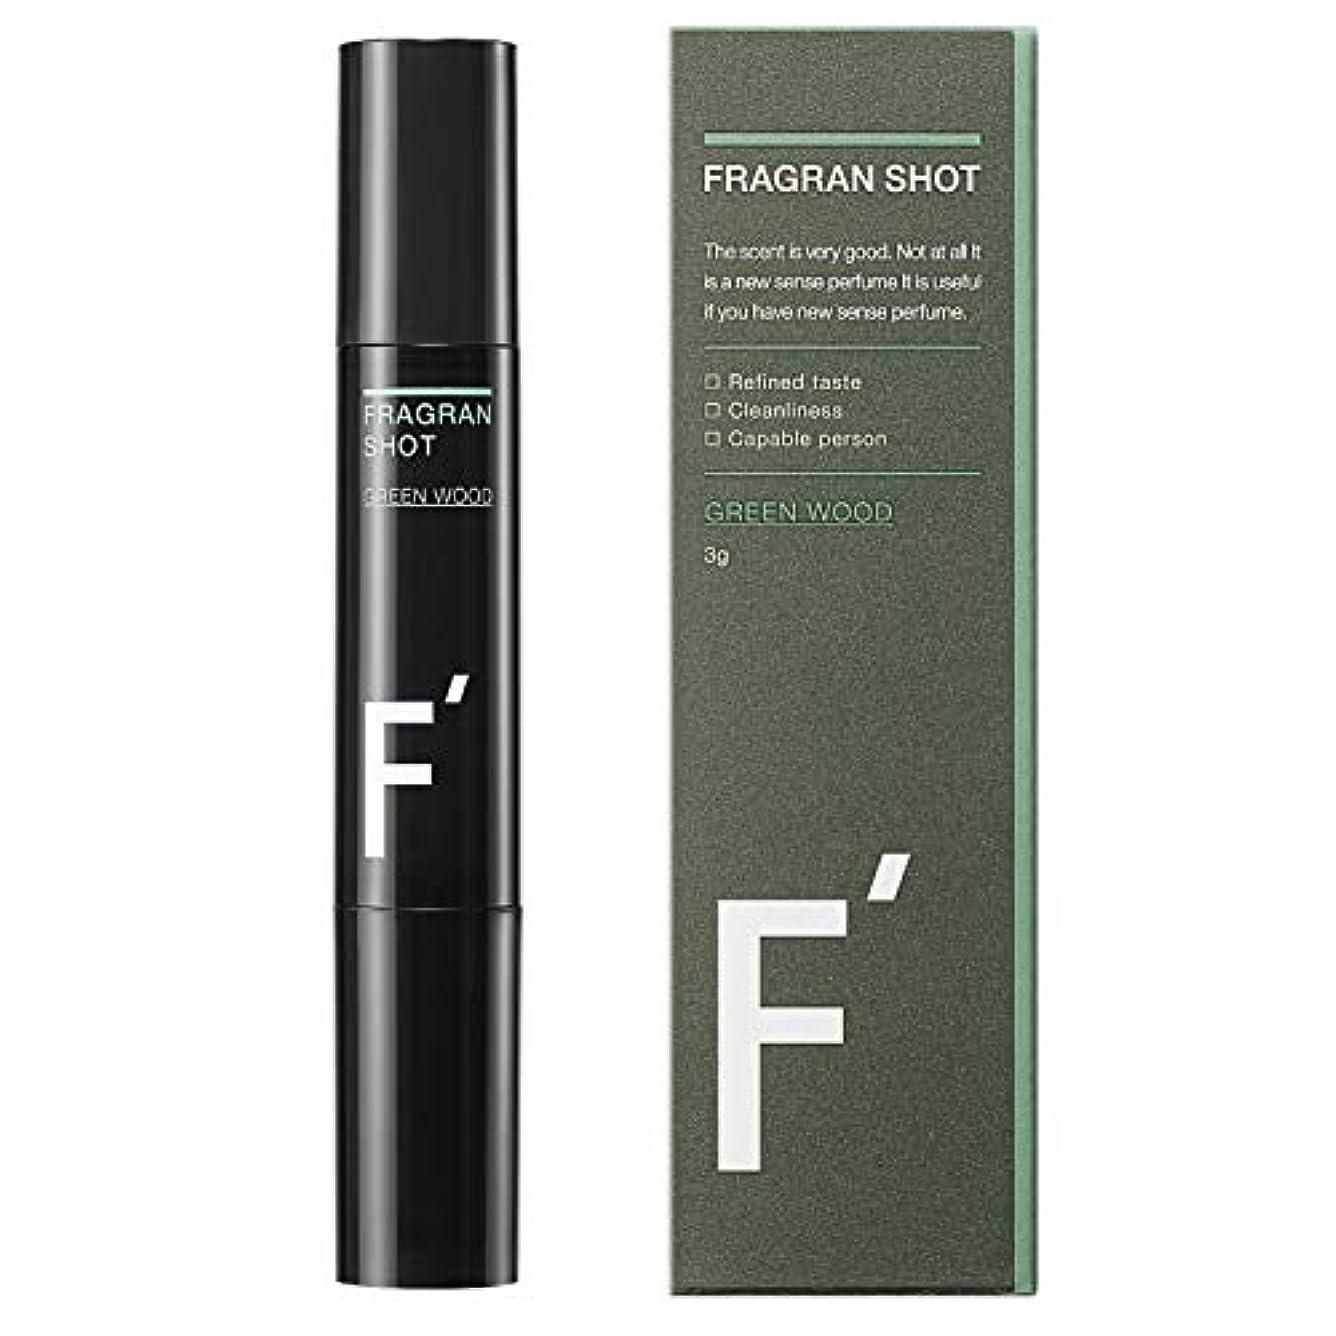 見えるアイデア閃光F'(エフダッシュ) フレグランショット グリーンウッドの香り 男性用練香水